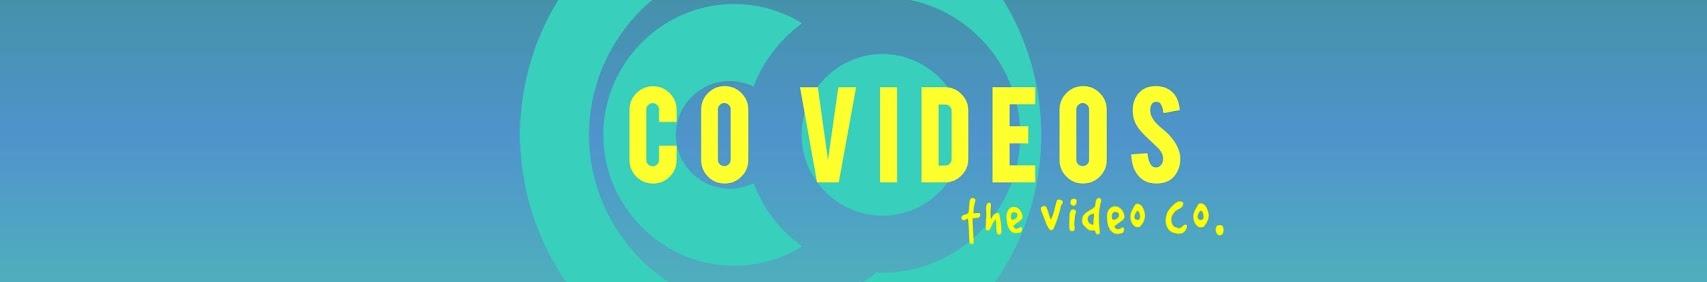 Co Videos